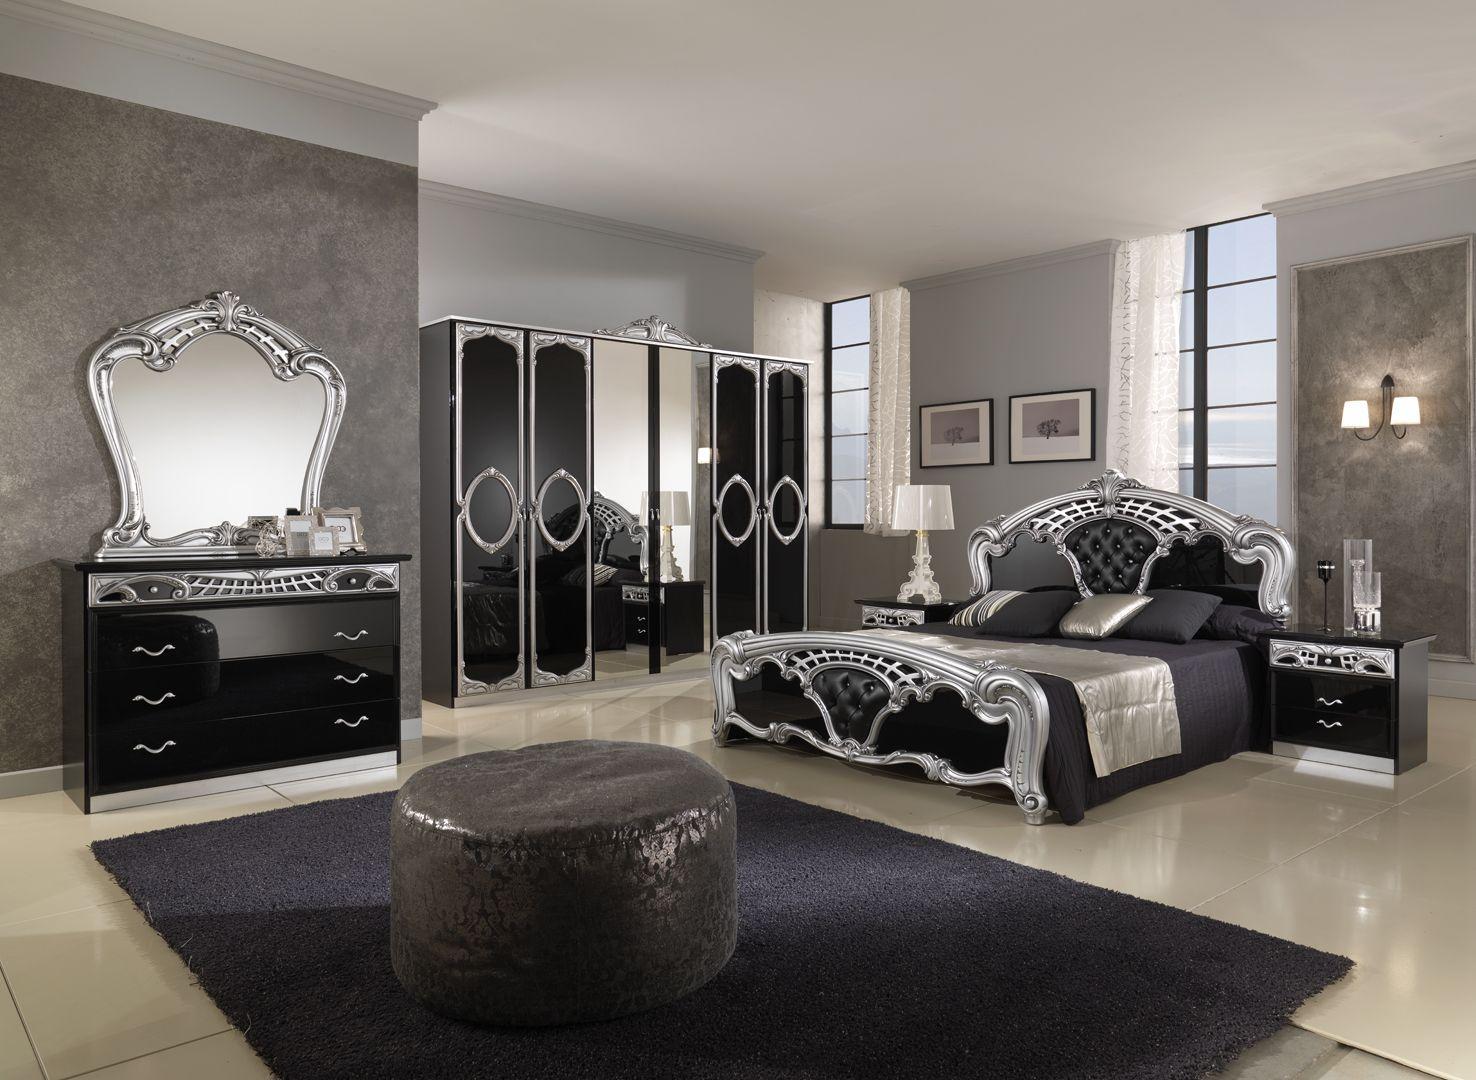 Bedroom 13 Modern Classic Bedroom Design Inspirations Classic Modern Jpg 1476 1080 Classic Bedroom Design Elegant Bedroom Design Colorful Bedroom Design